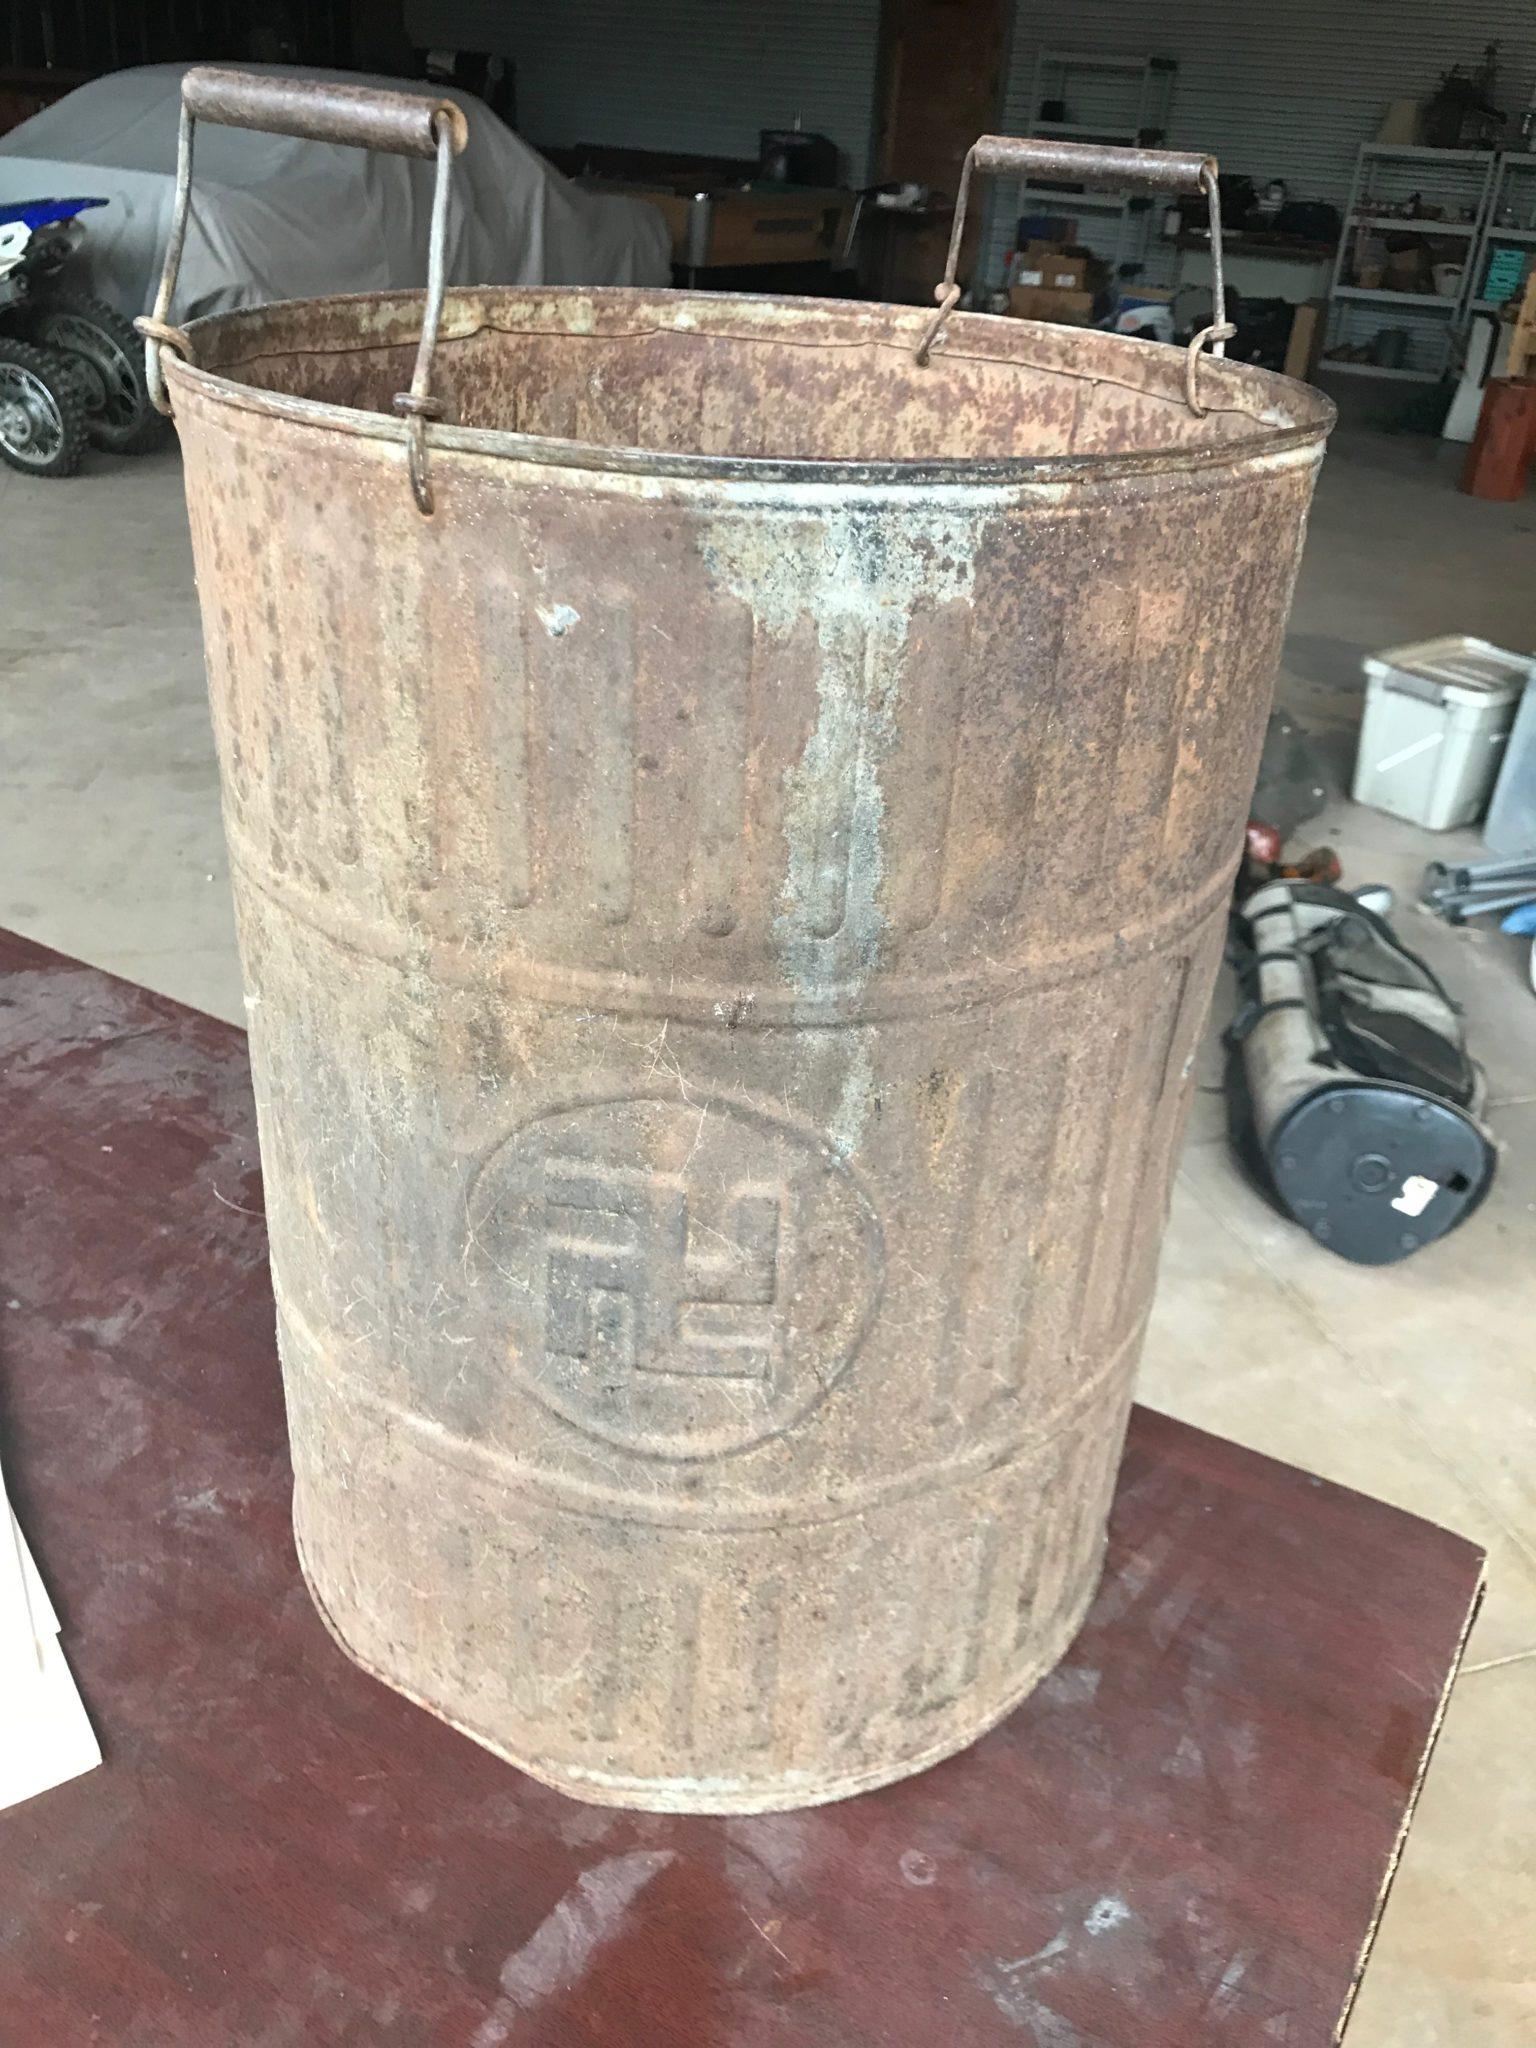 the Nazi ash bucket